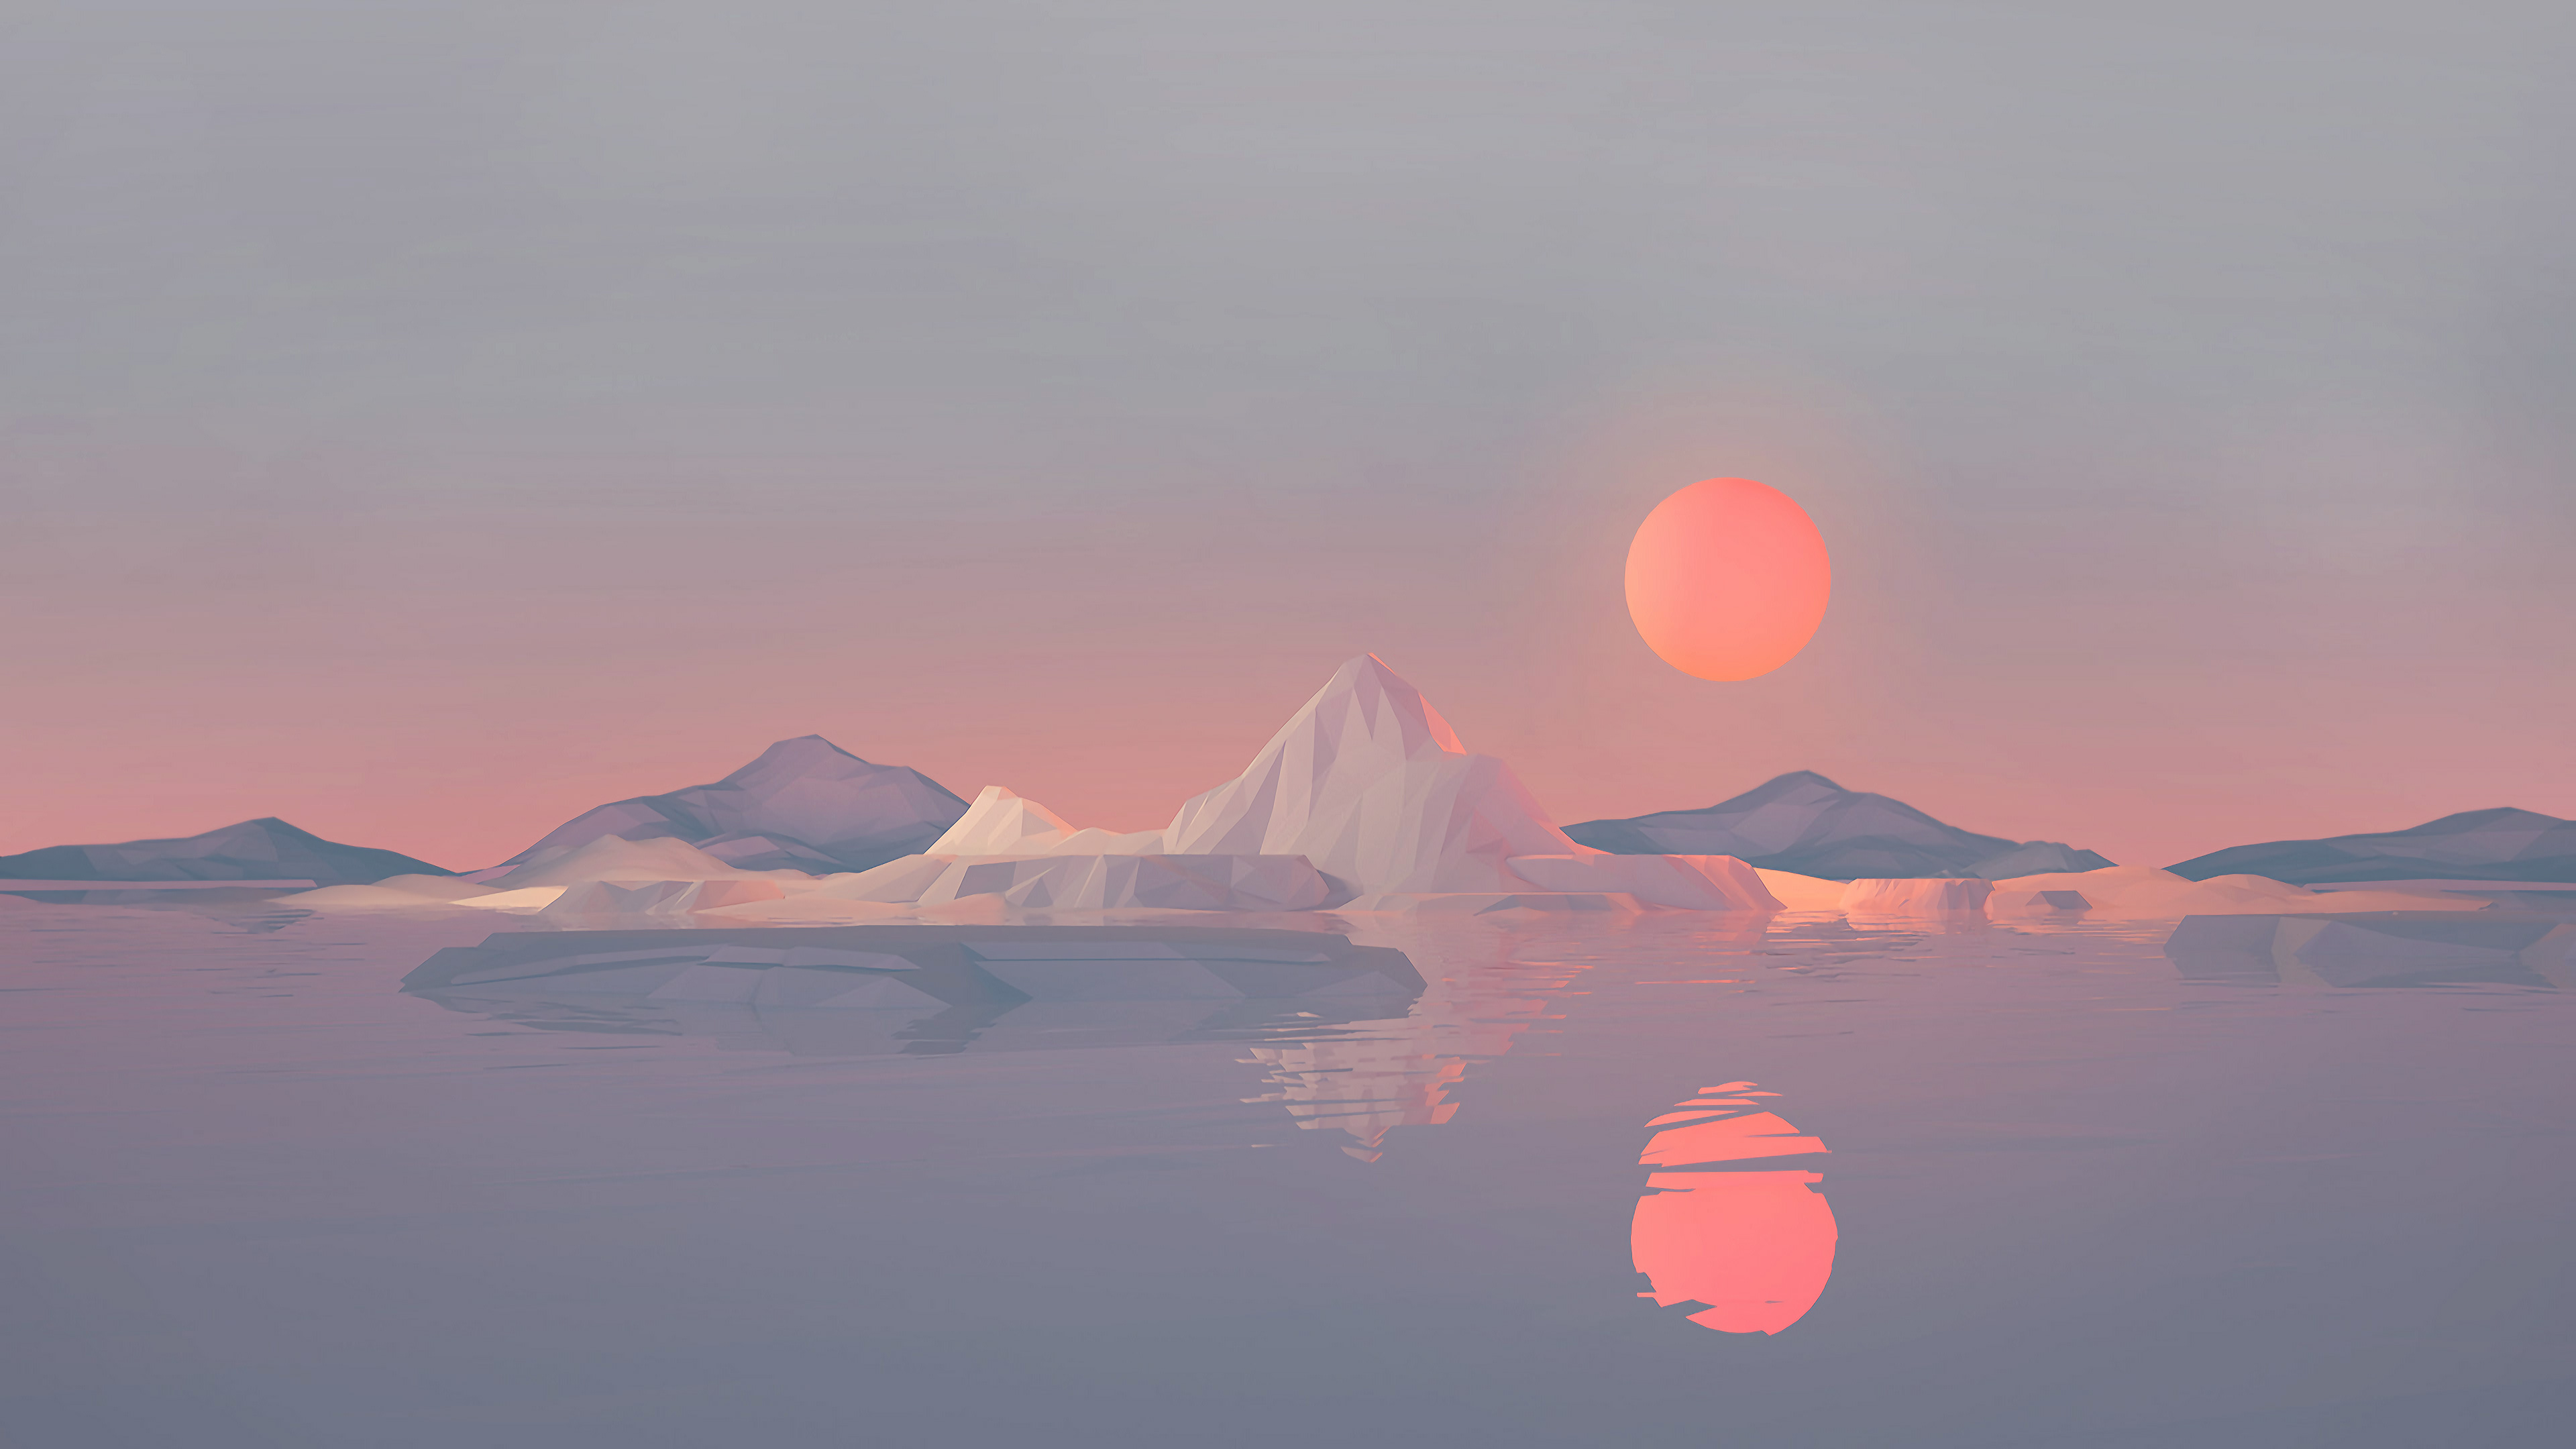 iceberg minimalist 4k 1540752916 - Iceberg Minimalist 4k - minimalist wallpapers, minimalism wallpapers, low poly wallpapers, iceberg wallpapers, hd-wallpapers, digital art wallpapers, artwork wallpapers, artist wallpapers, 4k-wallpapers